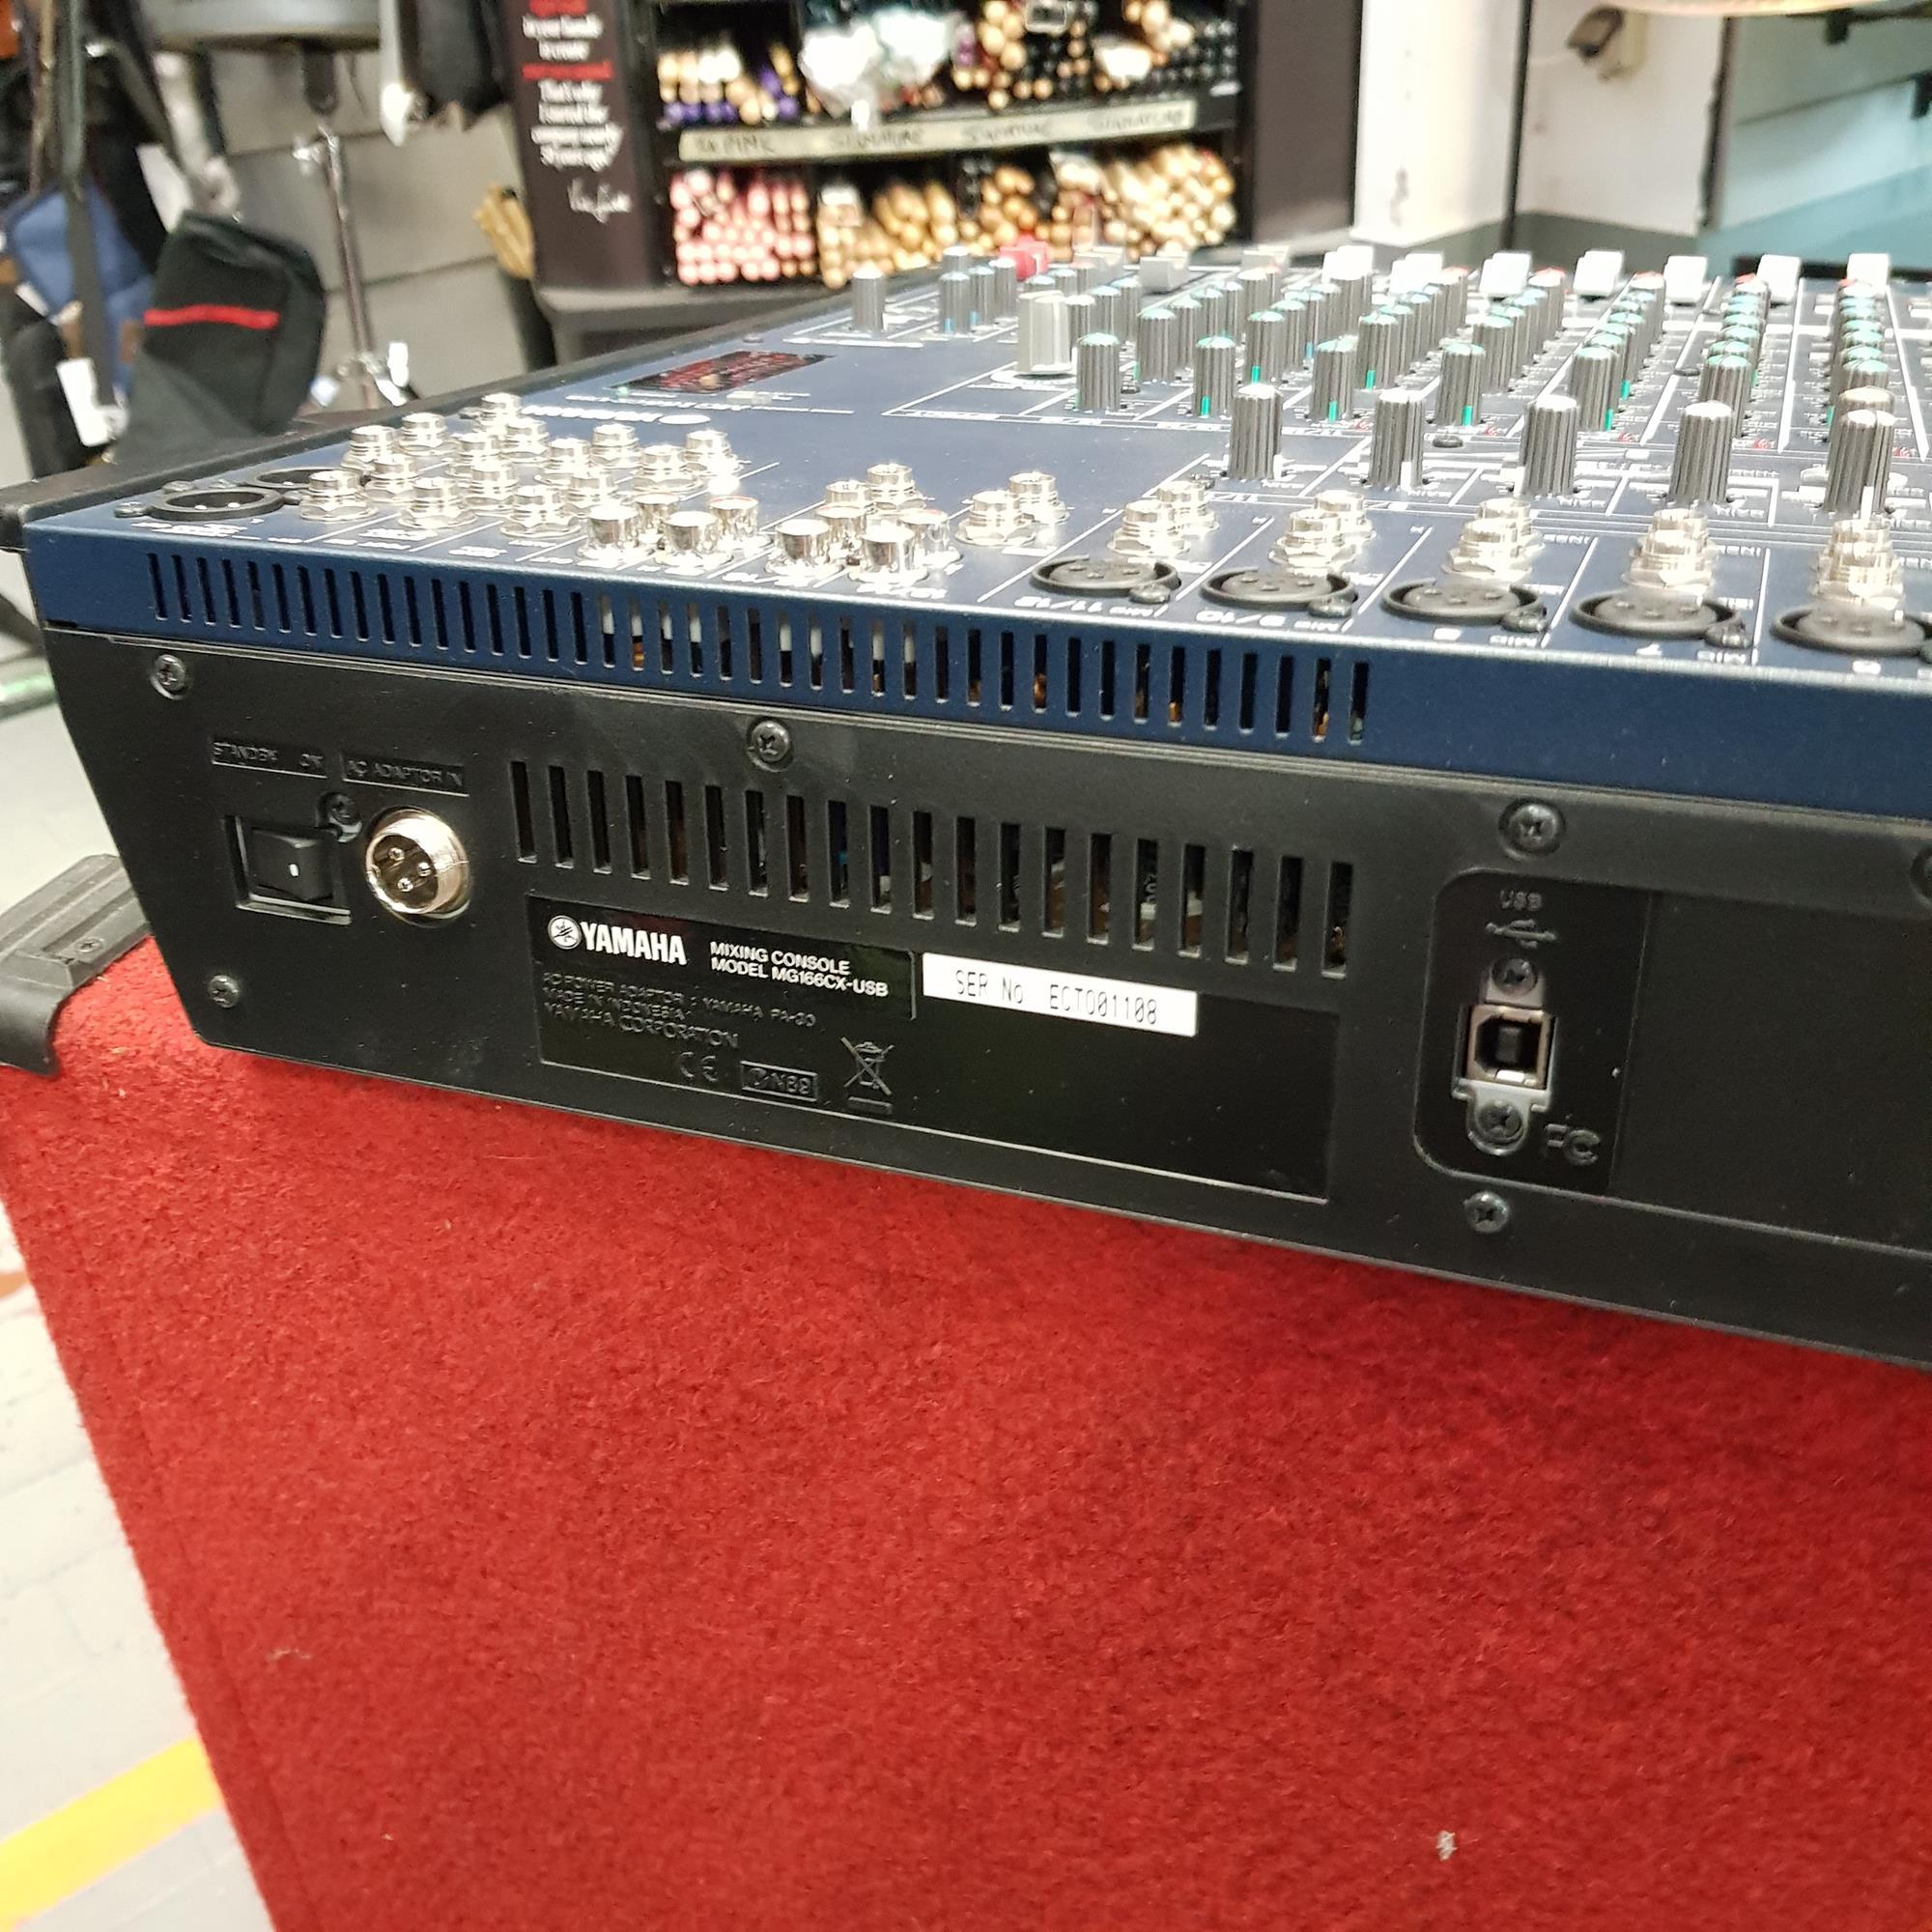 YAMAHA MG166CX USB